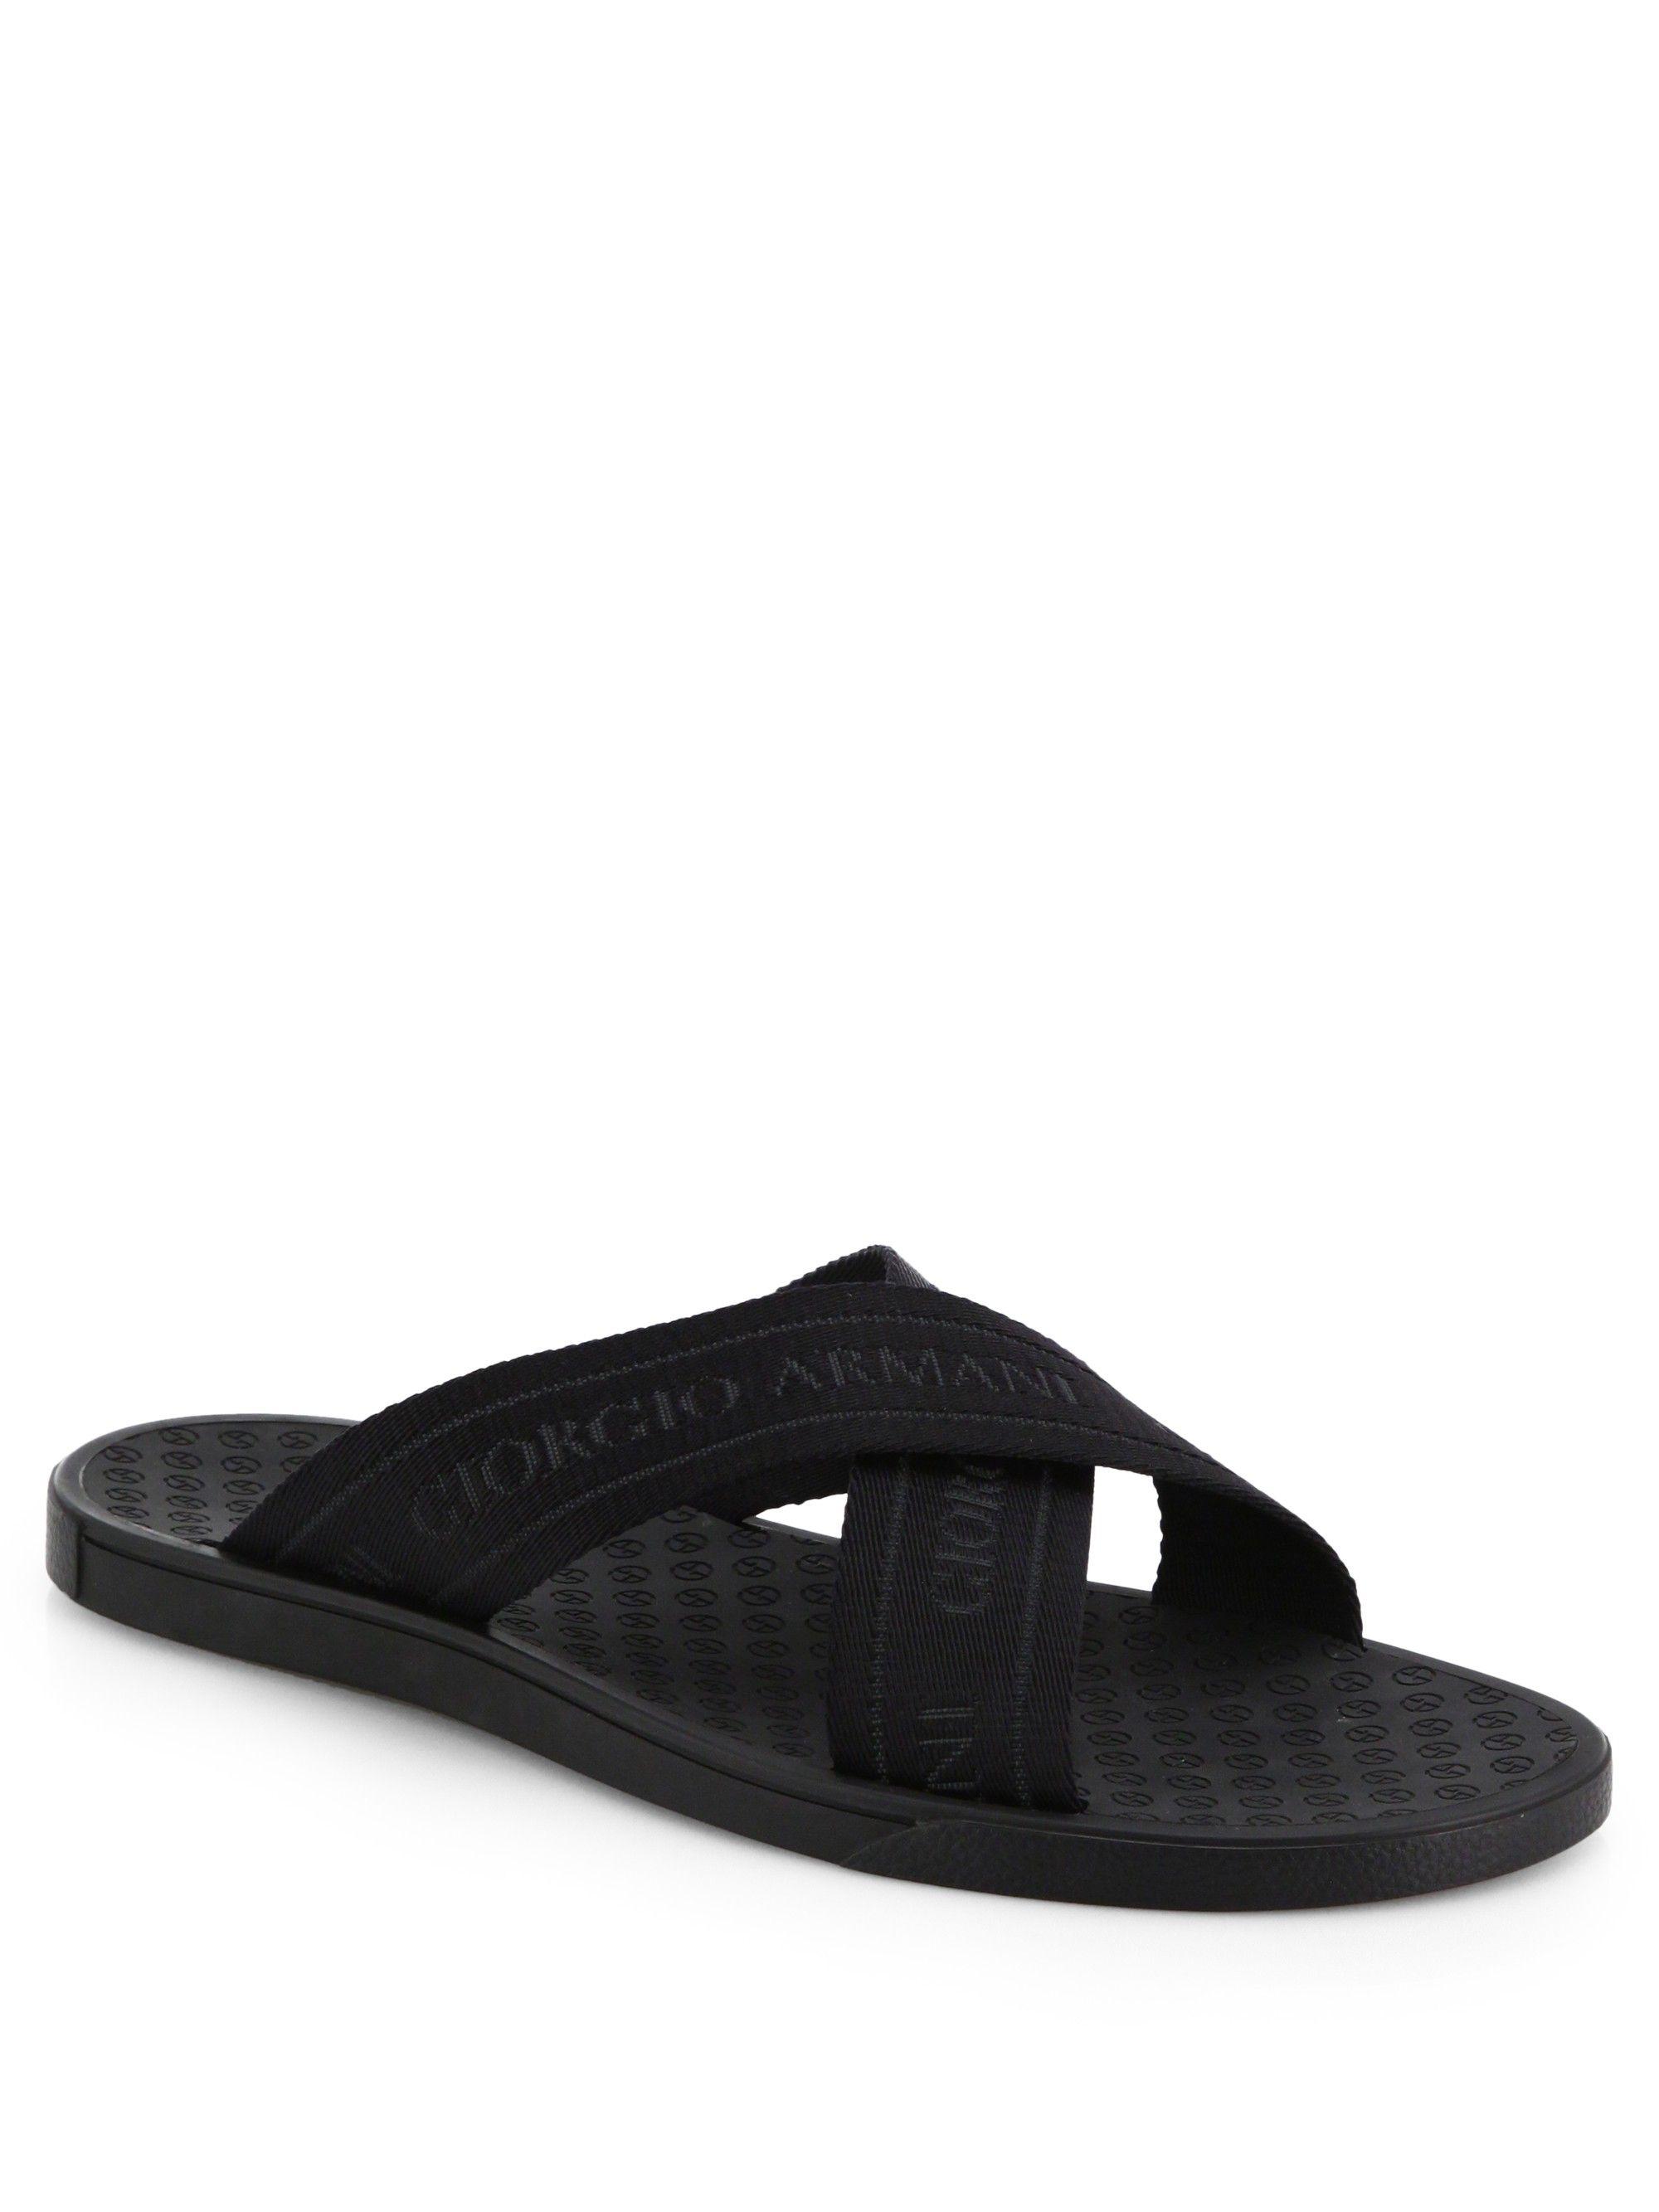 eb1fd063c GIORGIO ARMANI Rubber Criss Cross Sandals.  giorgioarmani  shoes ...